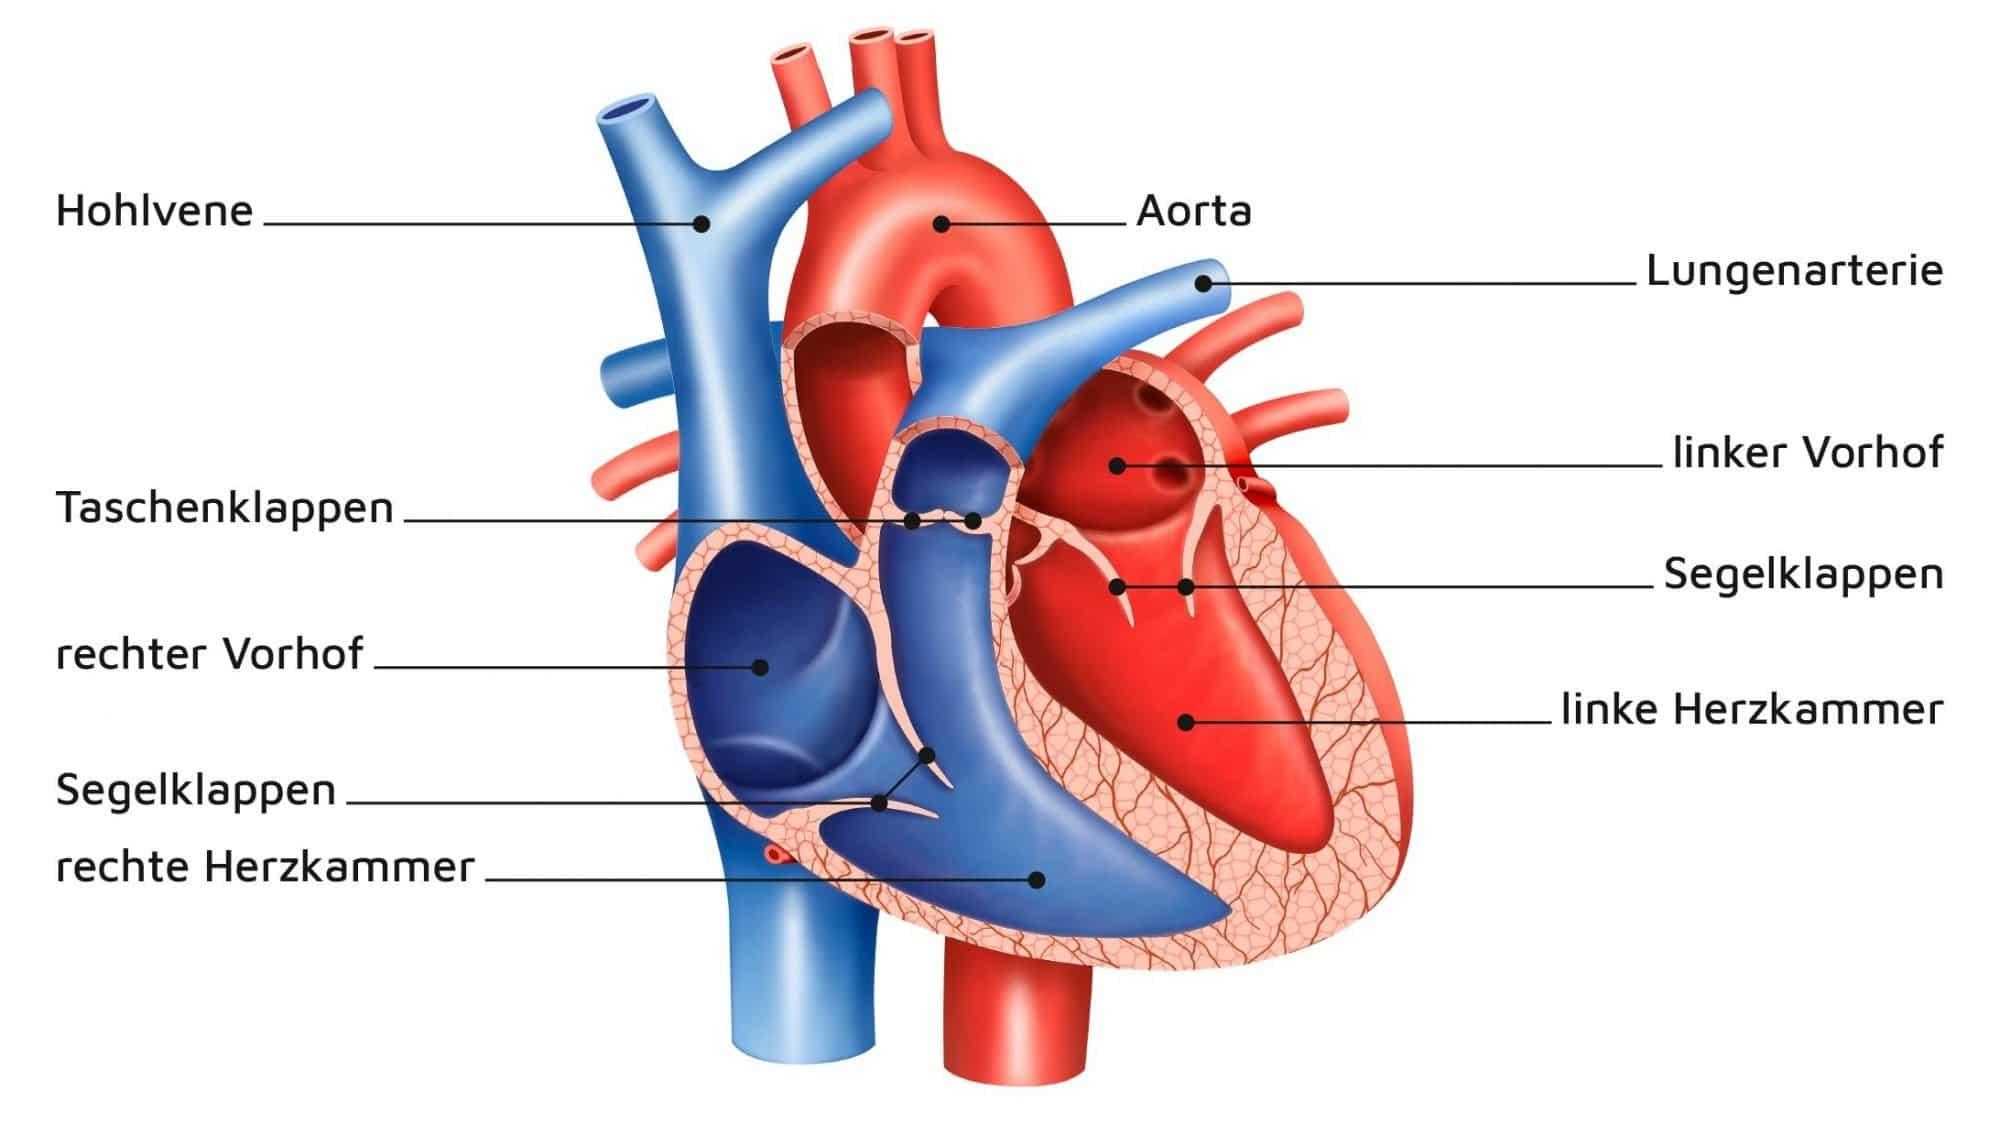 Illustration der Anatomie des menschlichen Herzens.